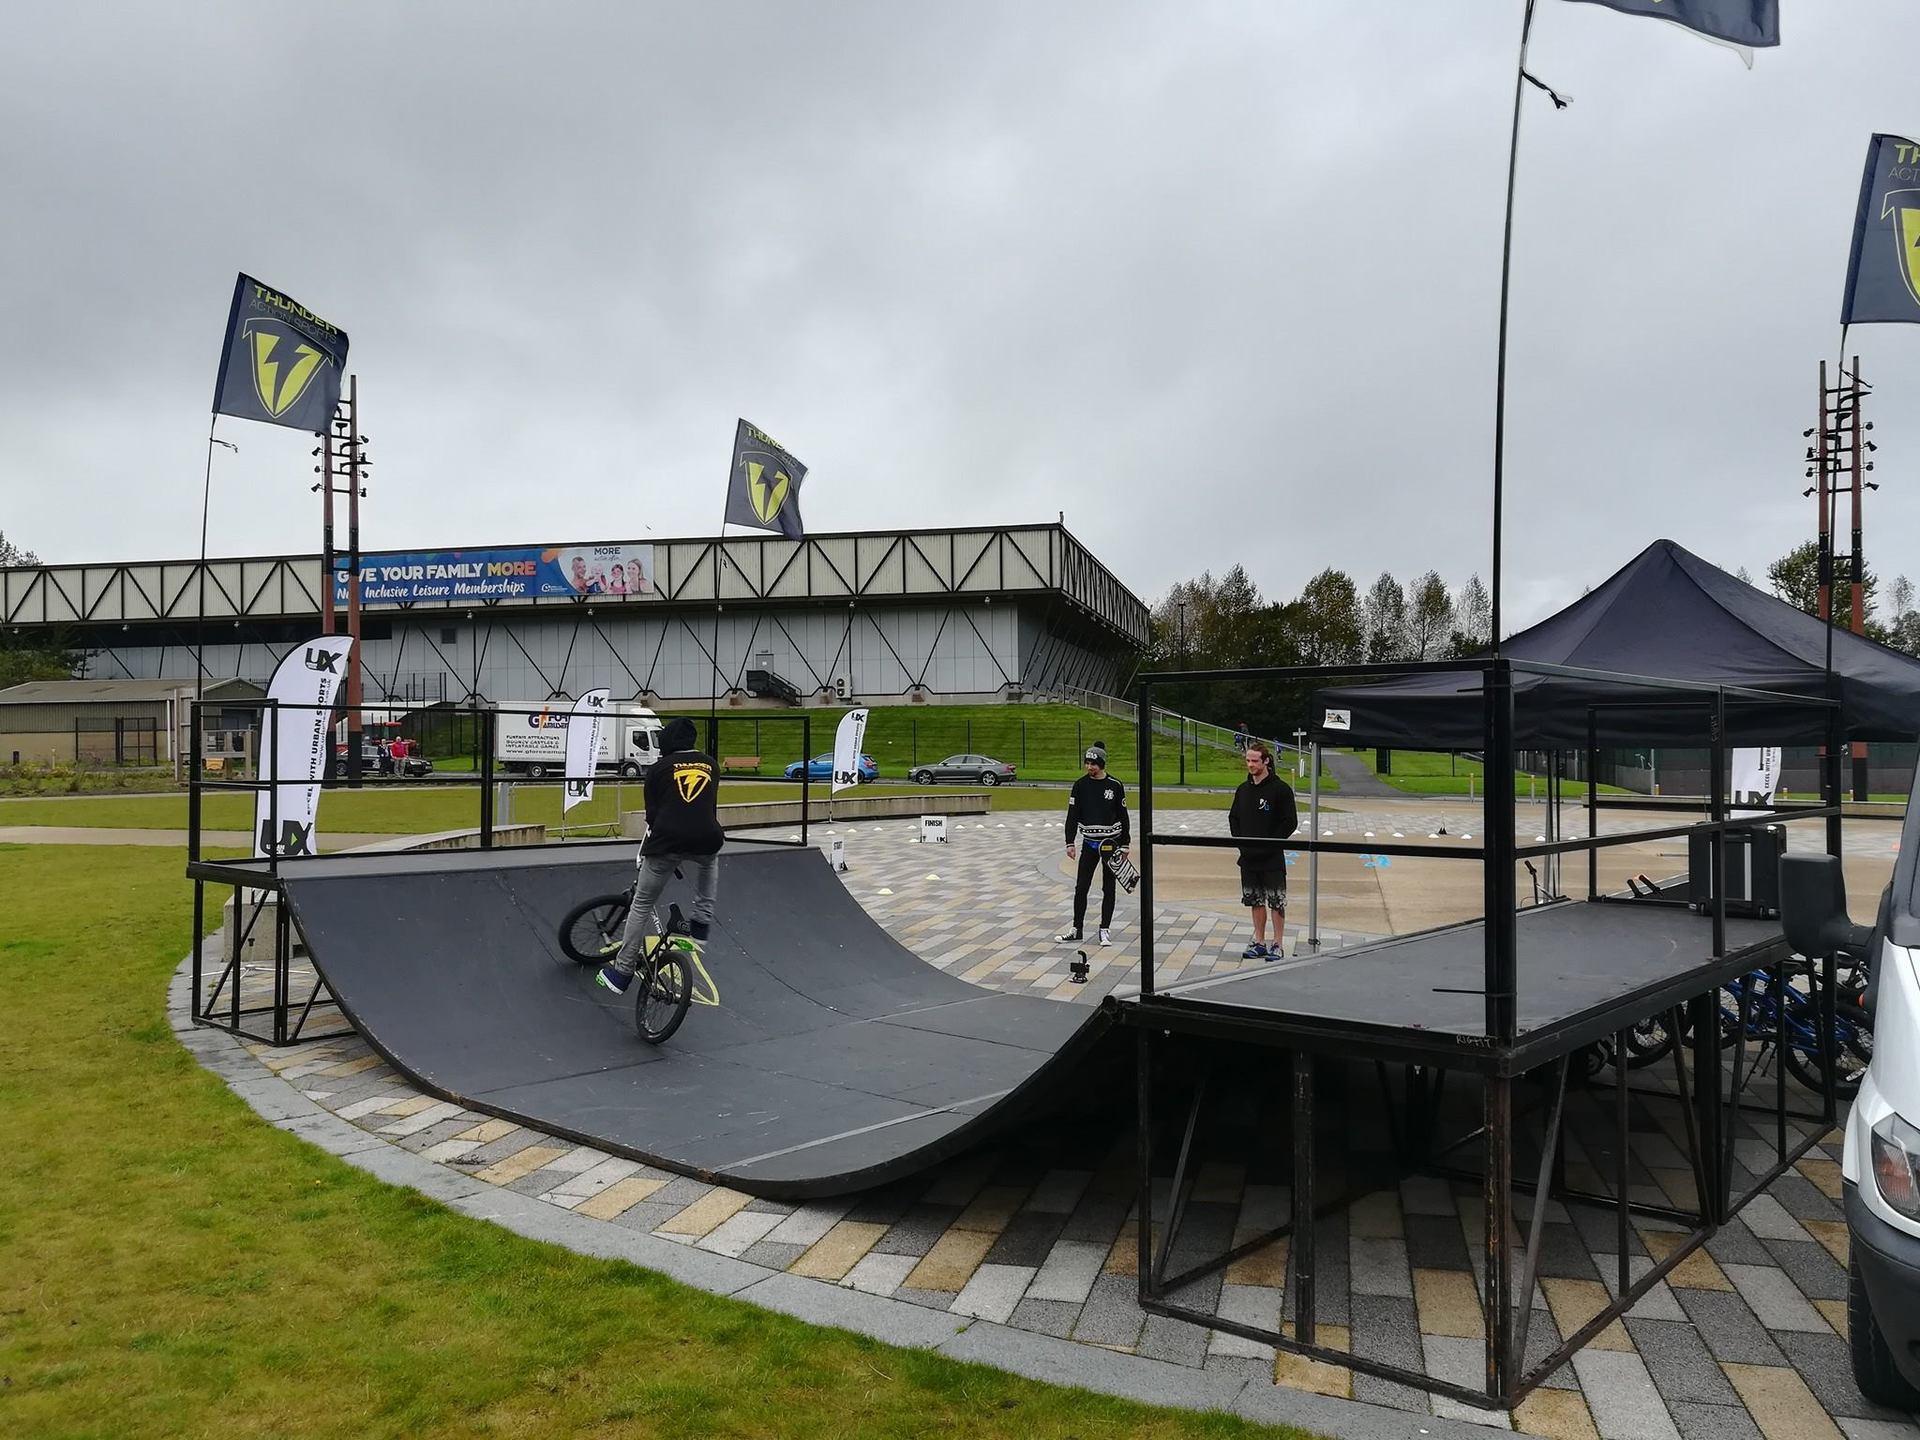 Mobile skatepark event - Skate ramps for hire